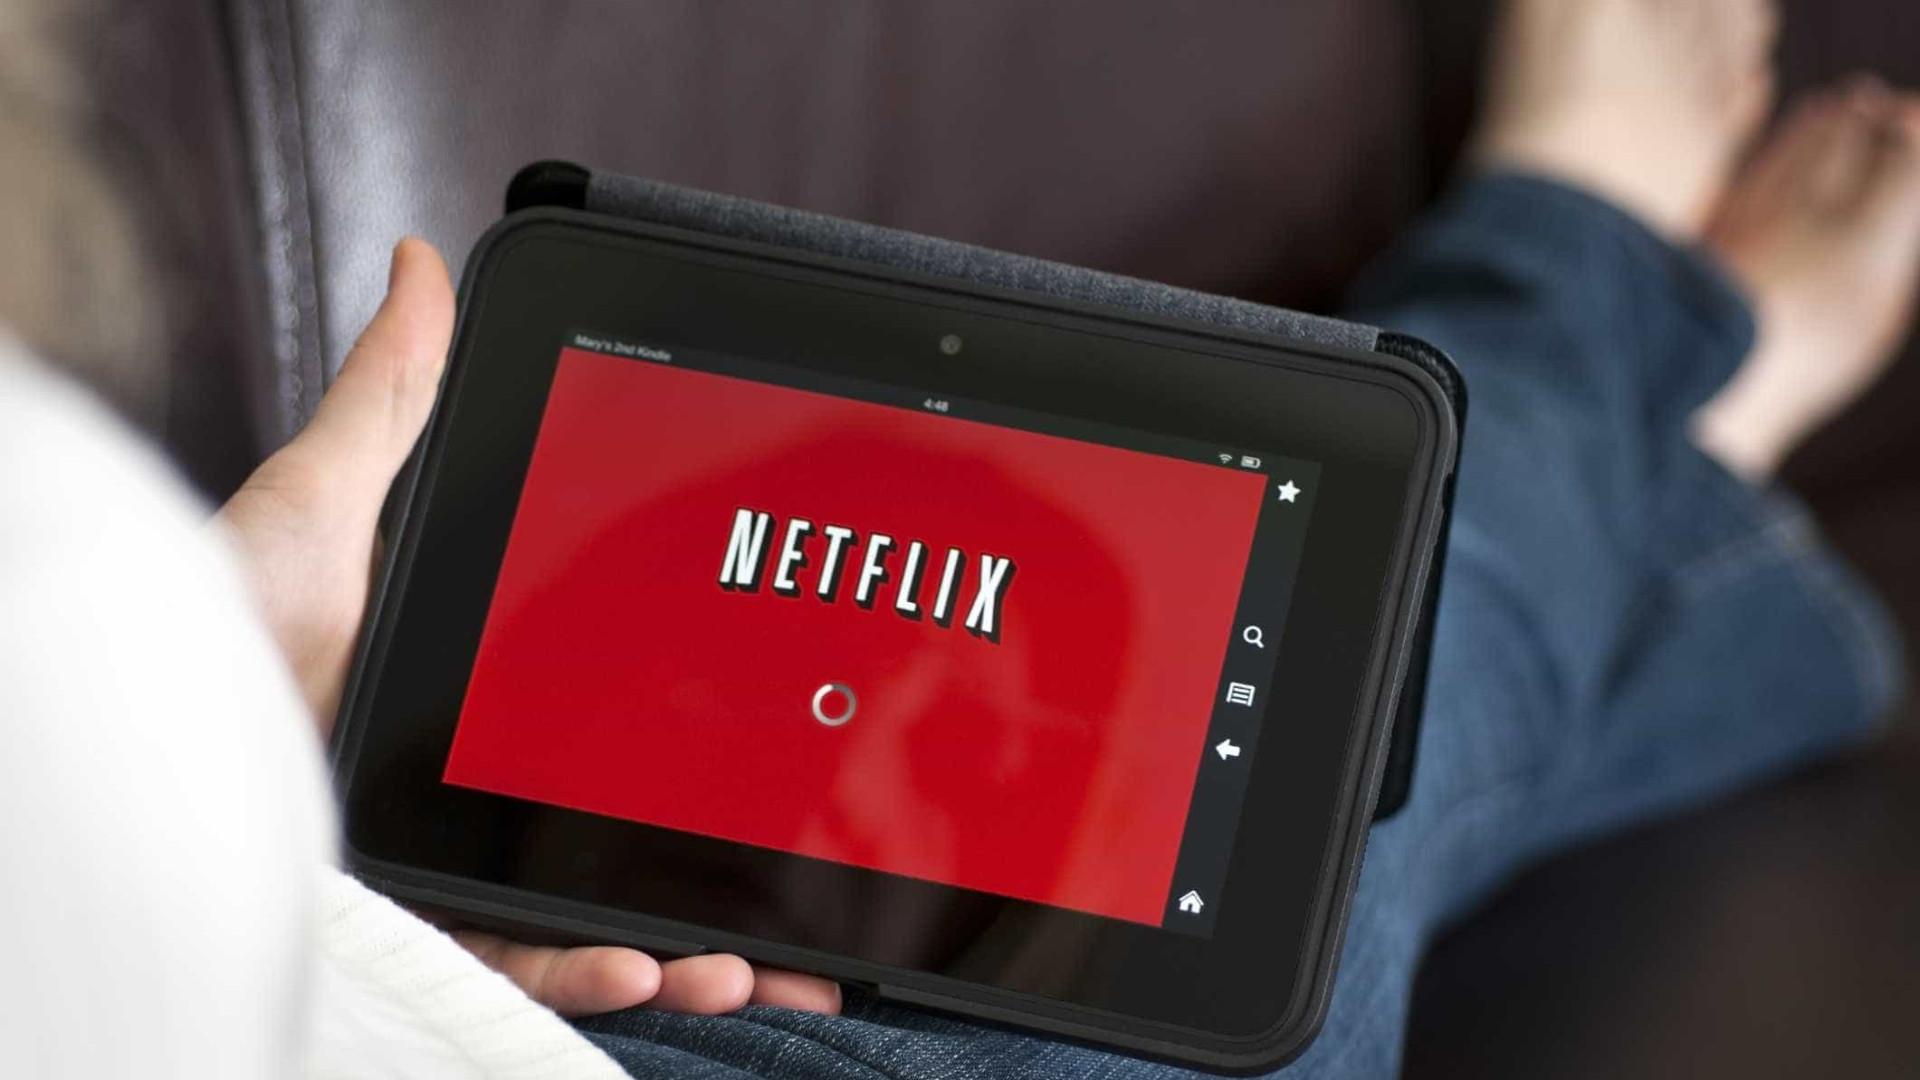 Próxima aposta da Netflix passa pelo futebol?